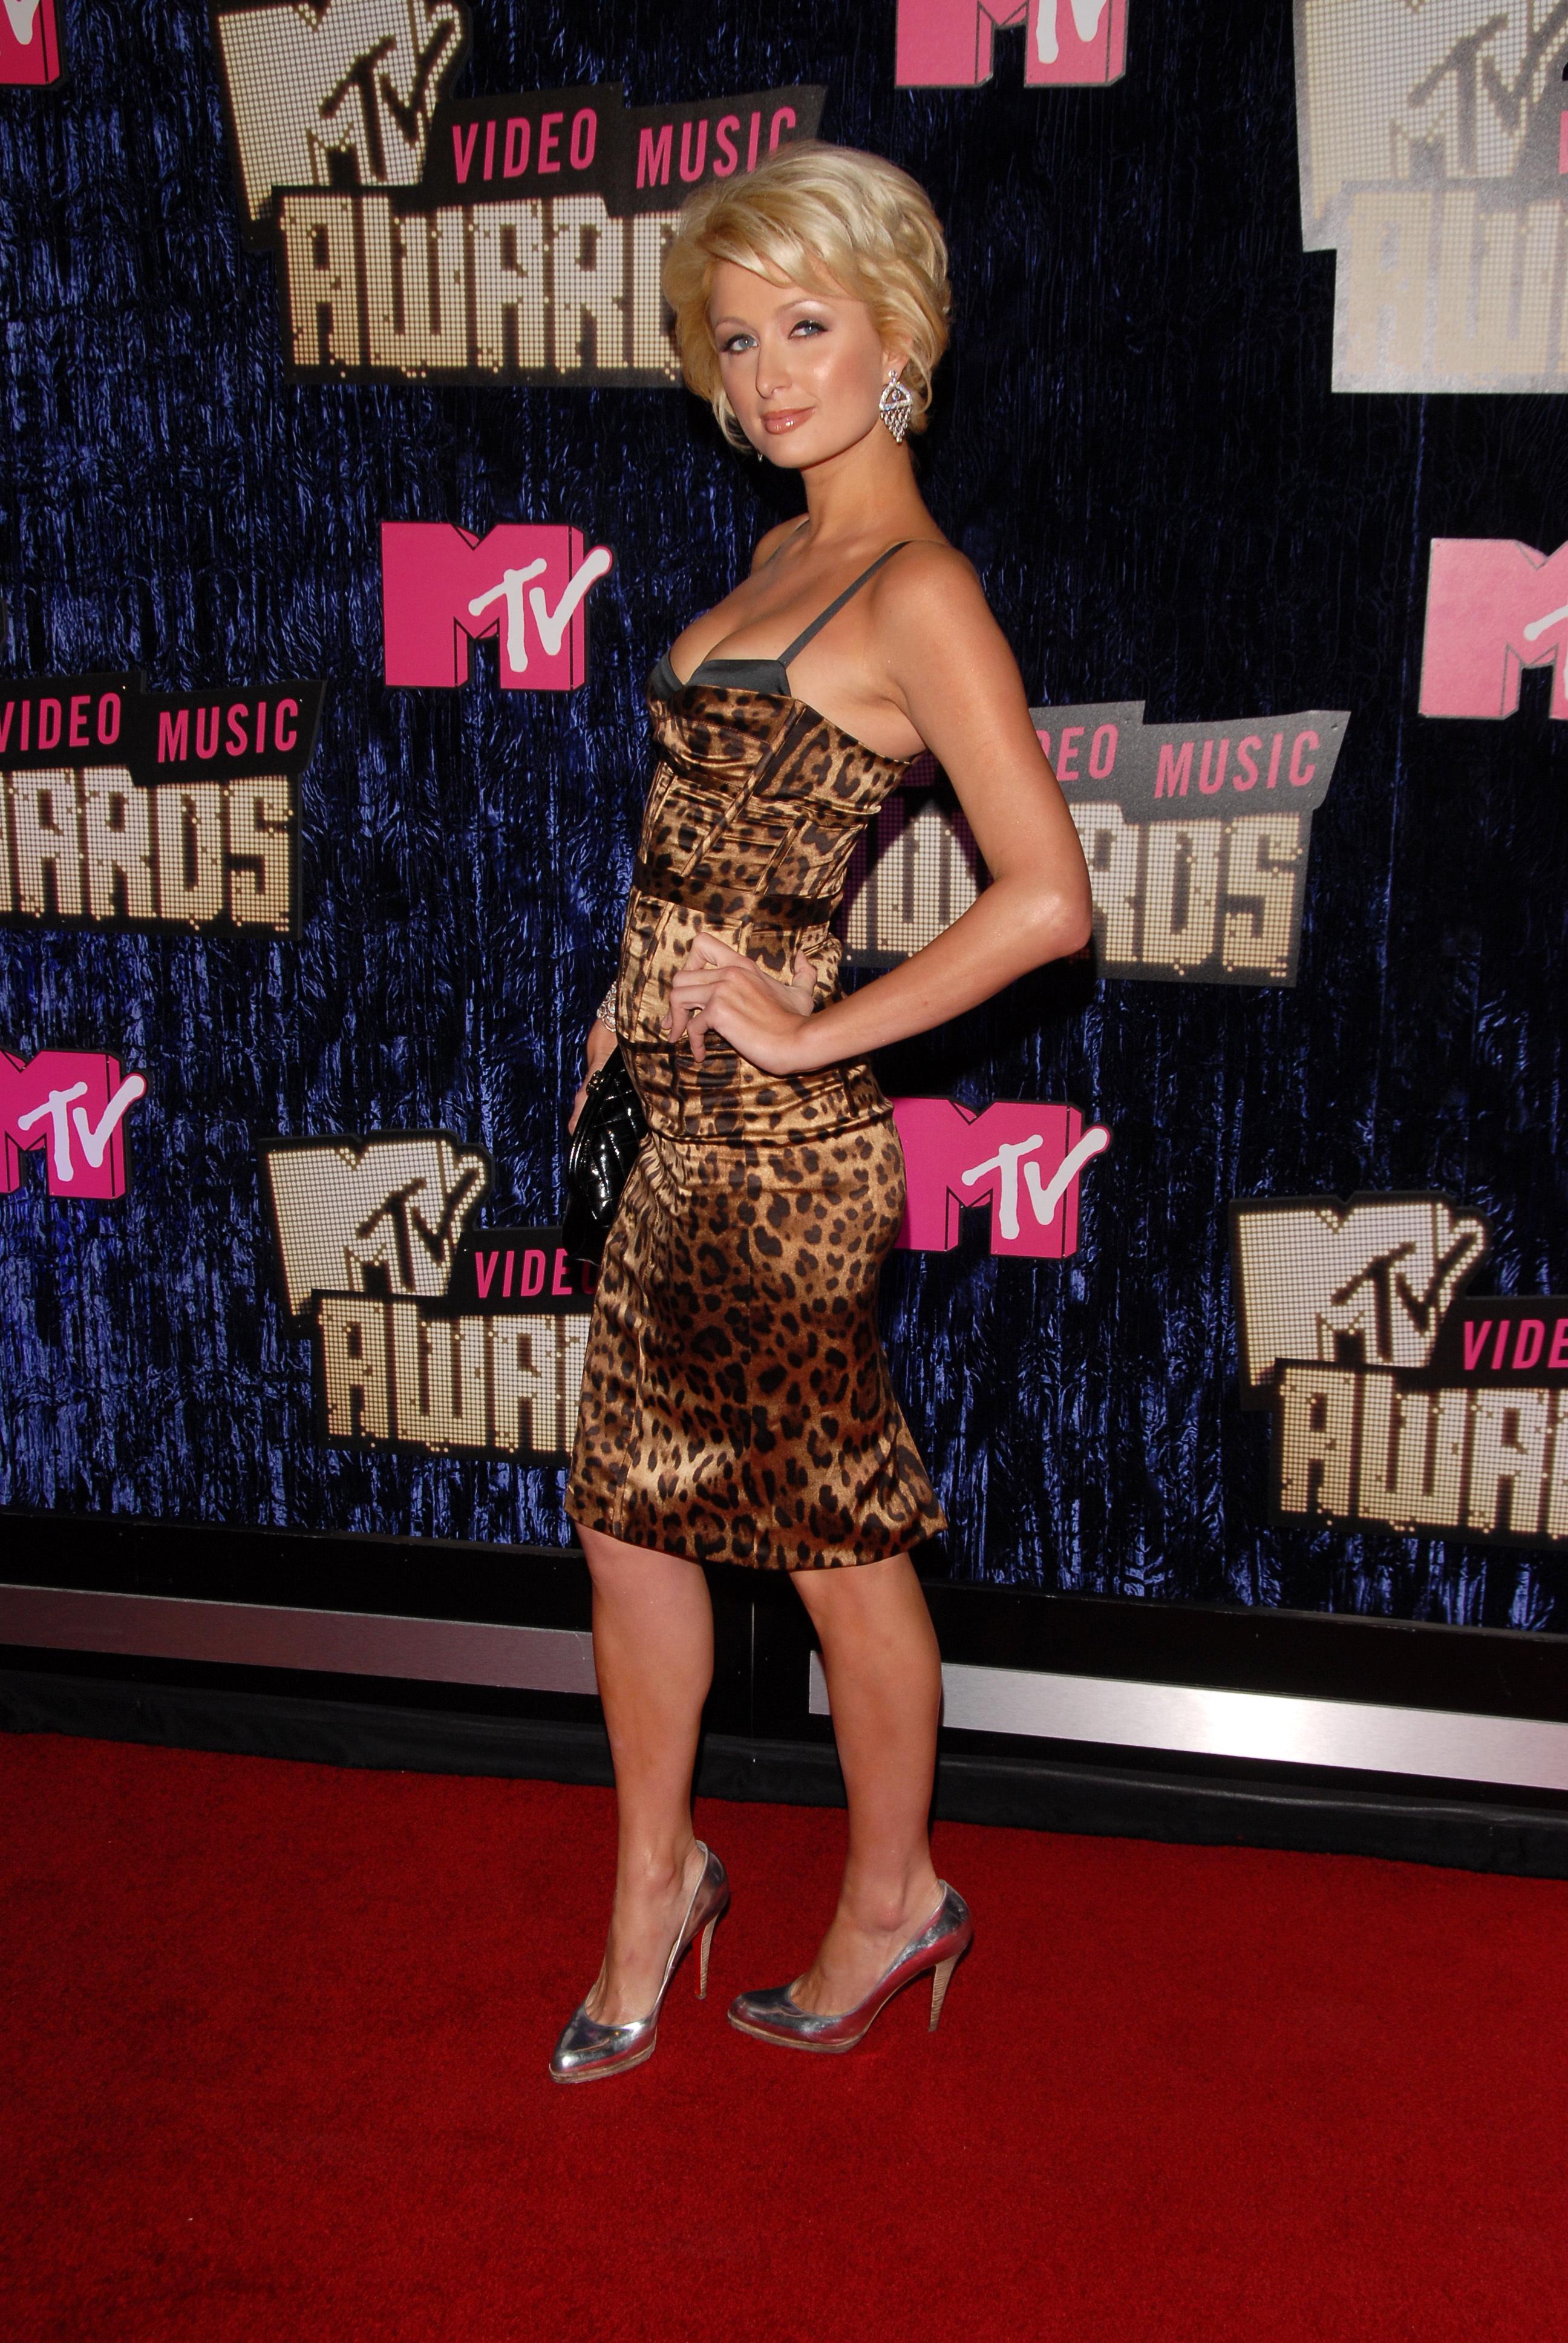 2007 MTV Video Music Awards Fashion Flashback